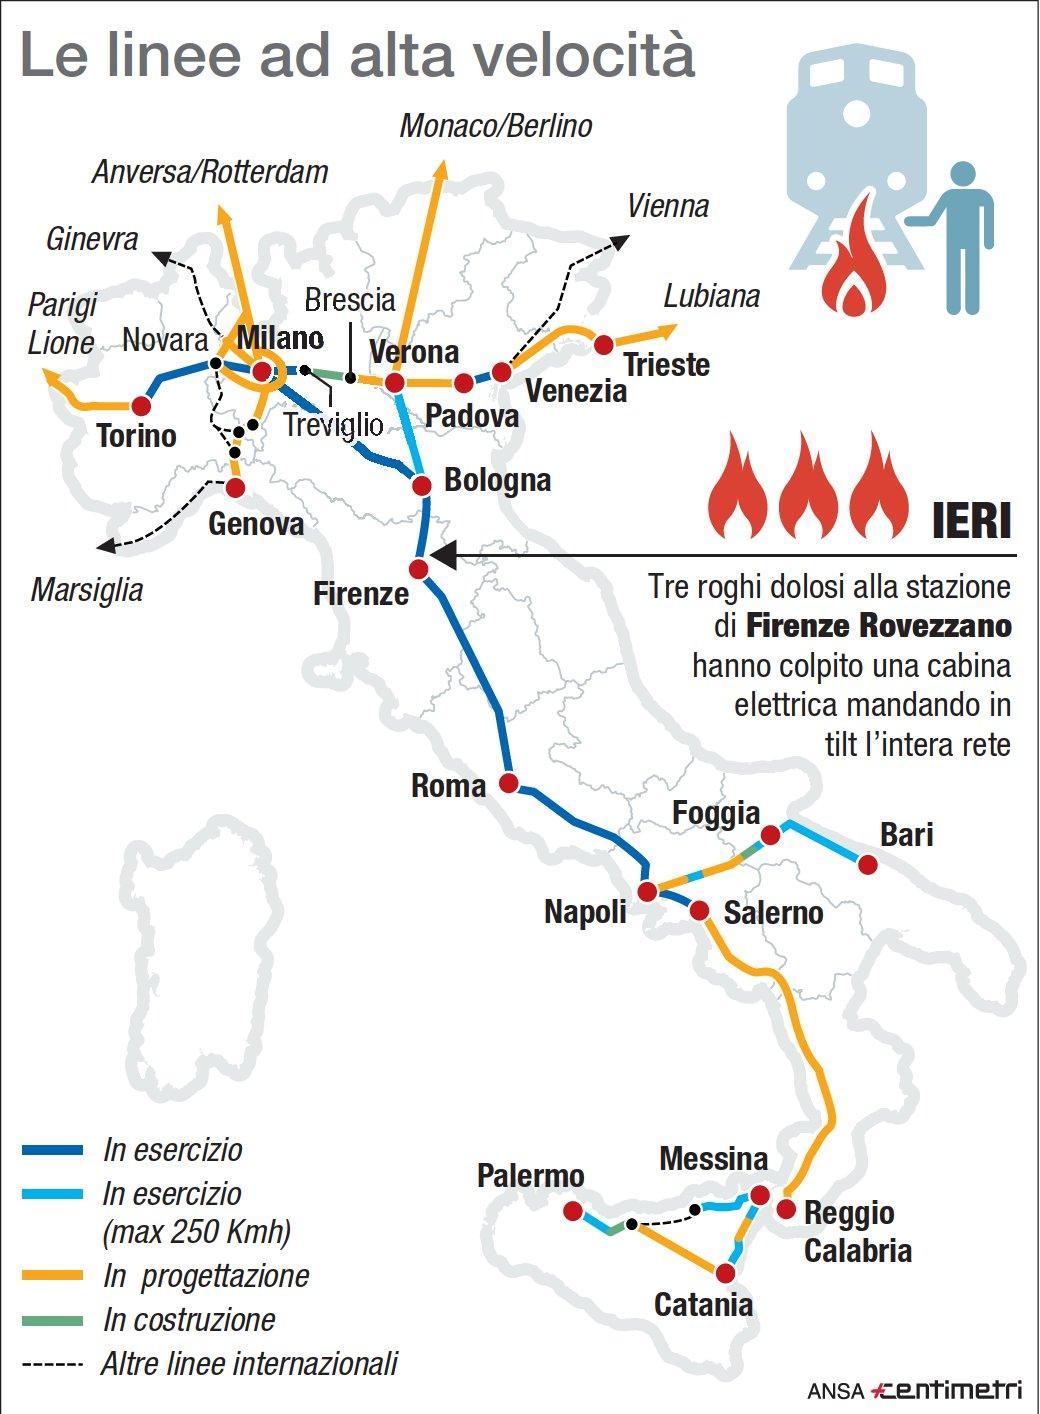 La Tav in Italia, ecco le linee attive e quelle future